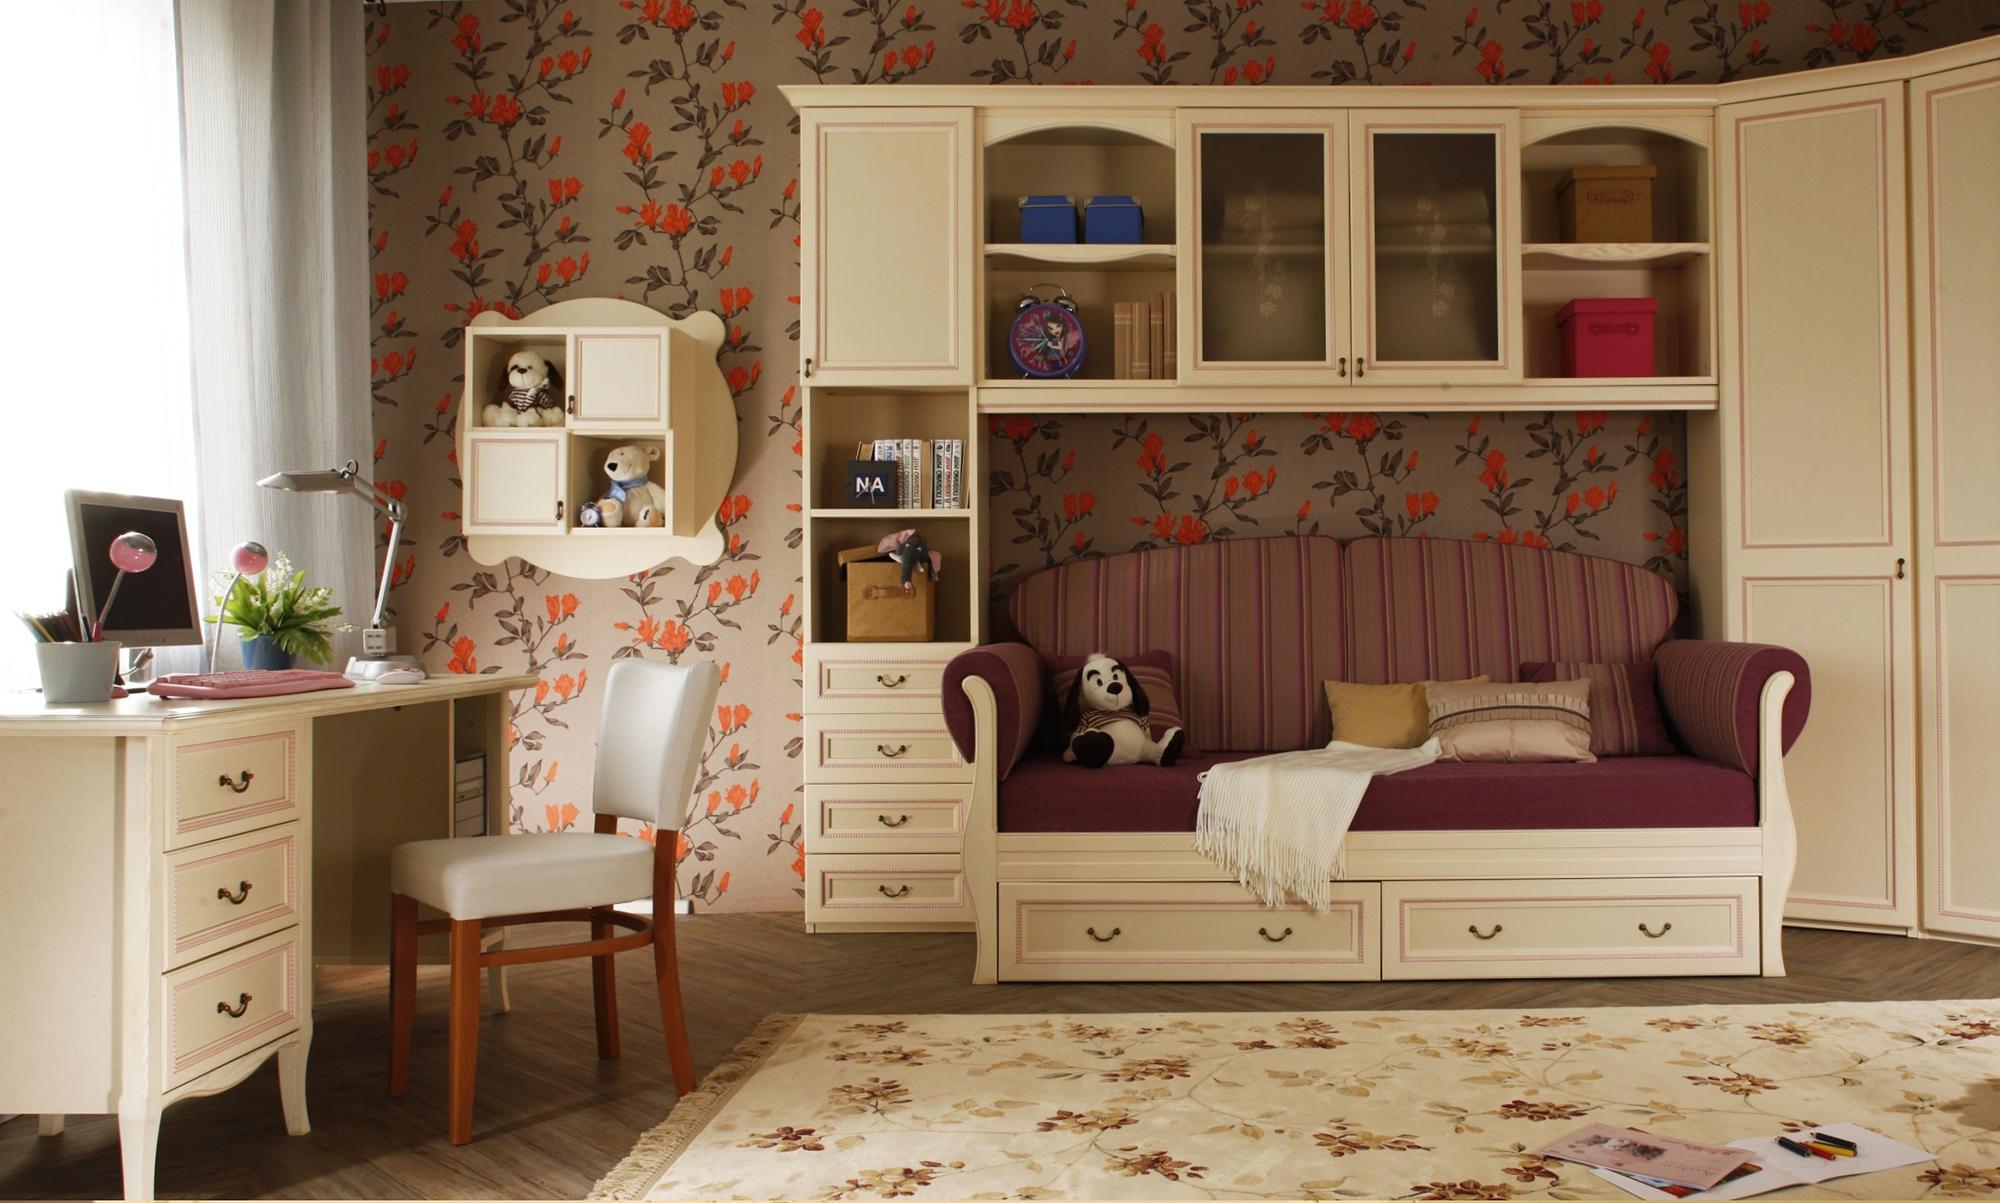 Бежевая мебель в комнате девочки